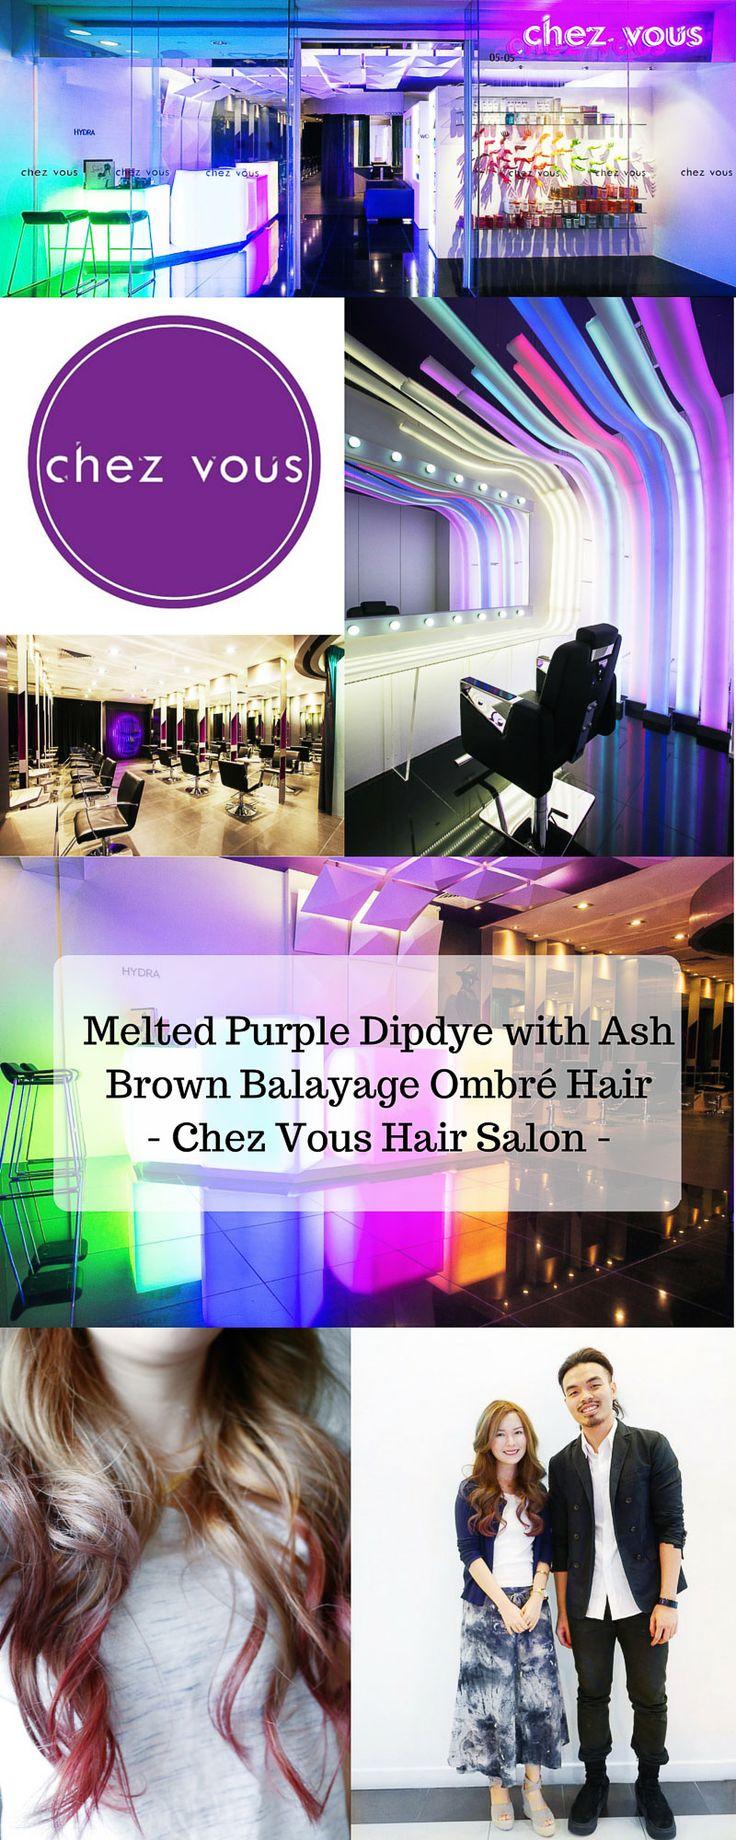 Chez Vous Hair Salon - Balayage Ombré Purple Hair